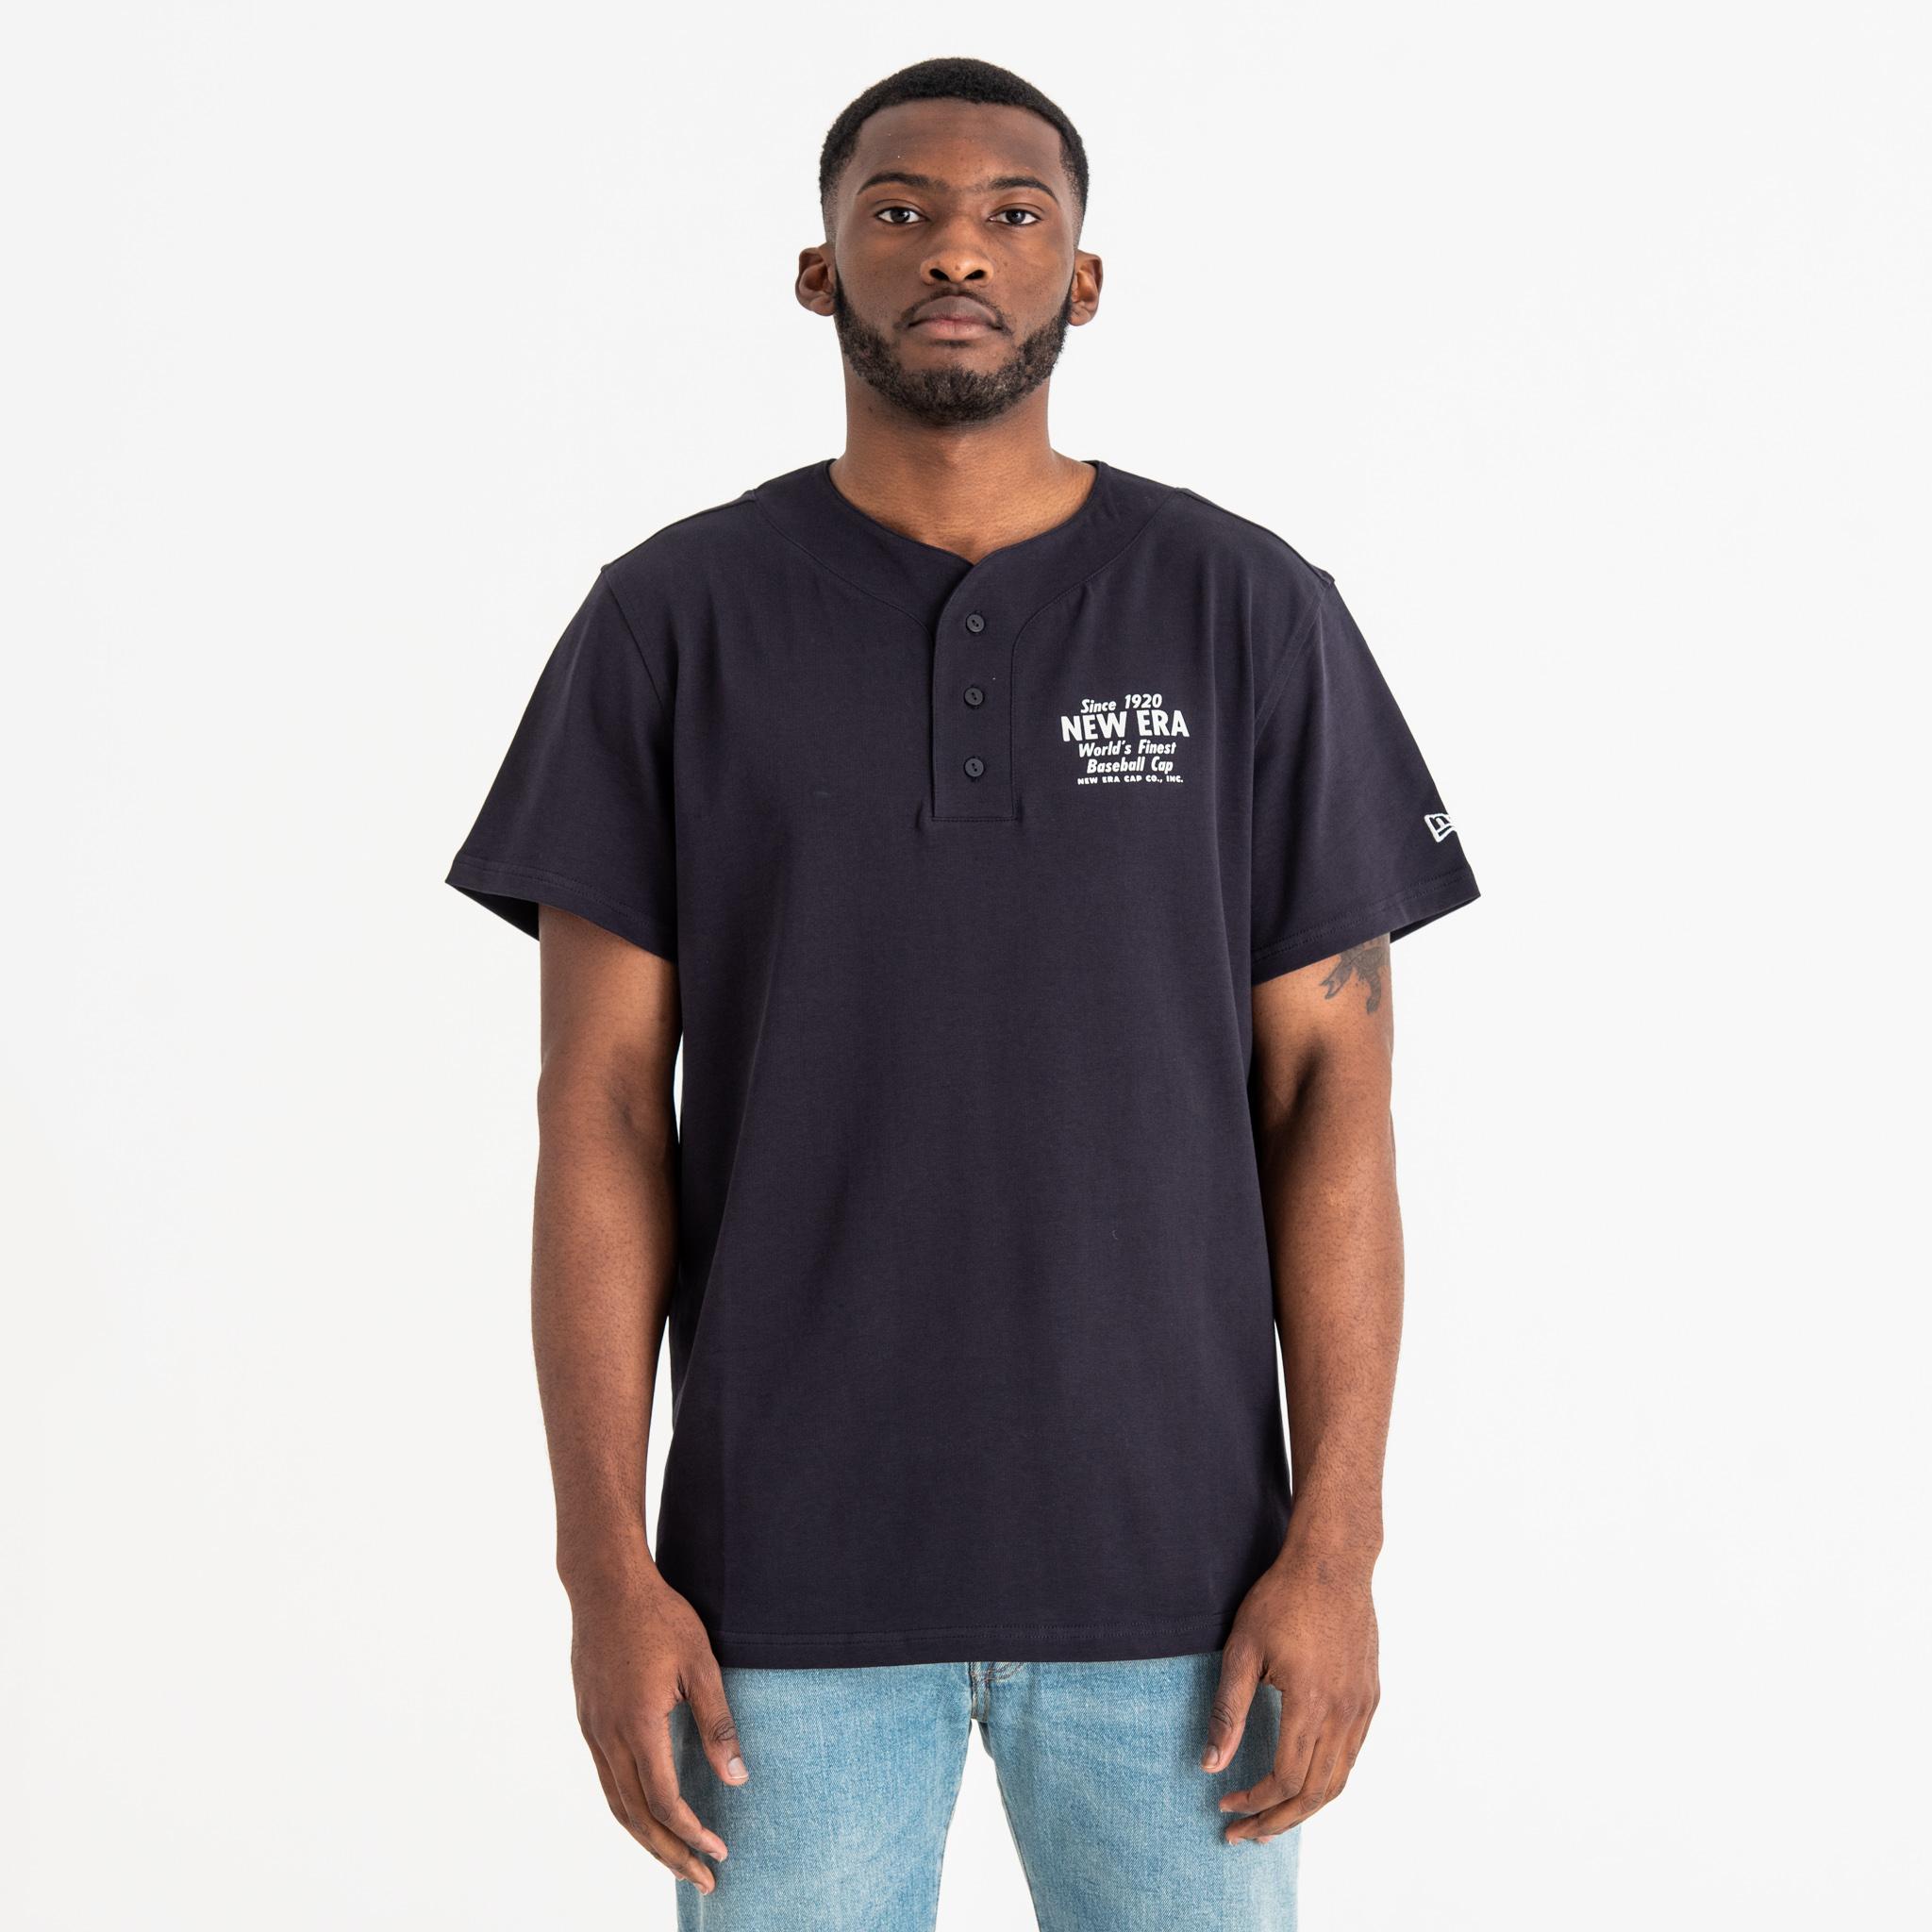 Camisetas y camisetas sin mangas oficiales de New Era para hombre y ... dddc01ae520